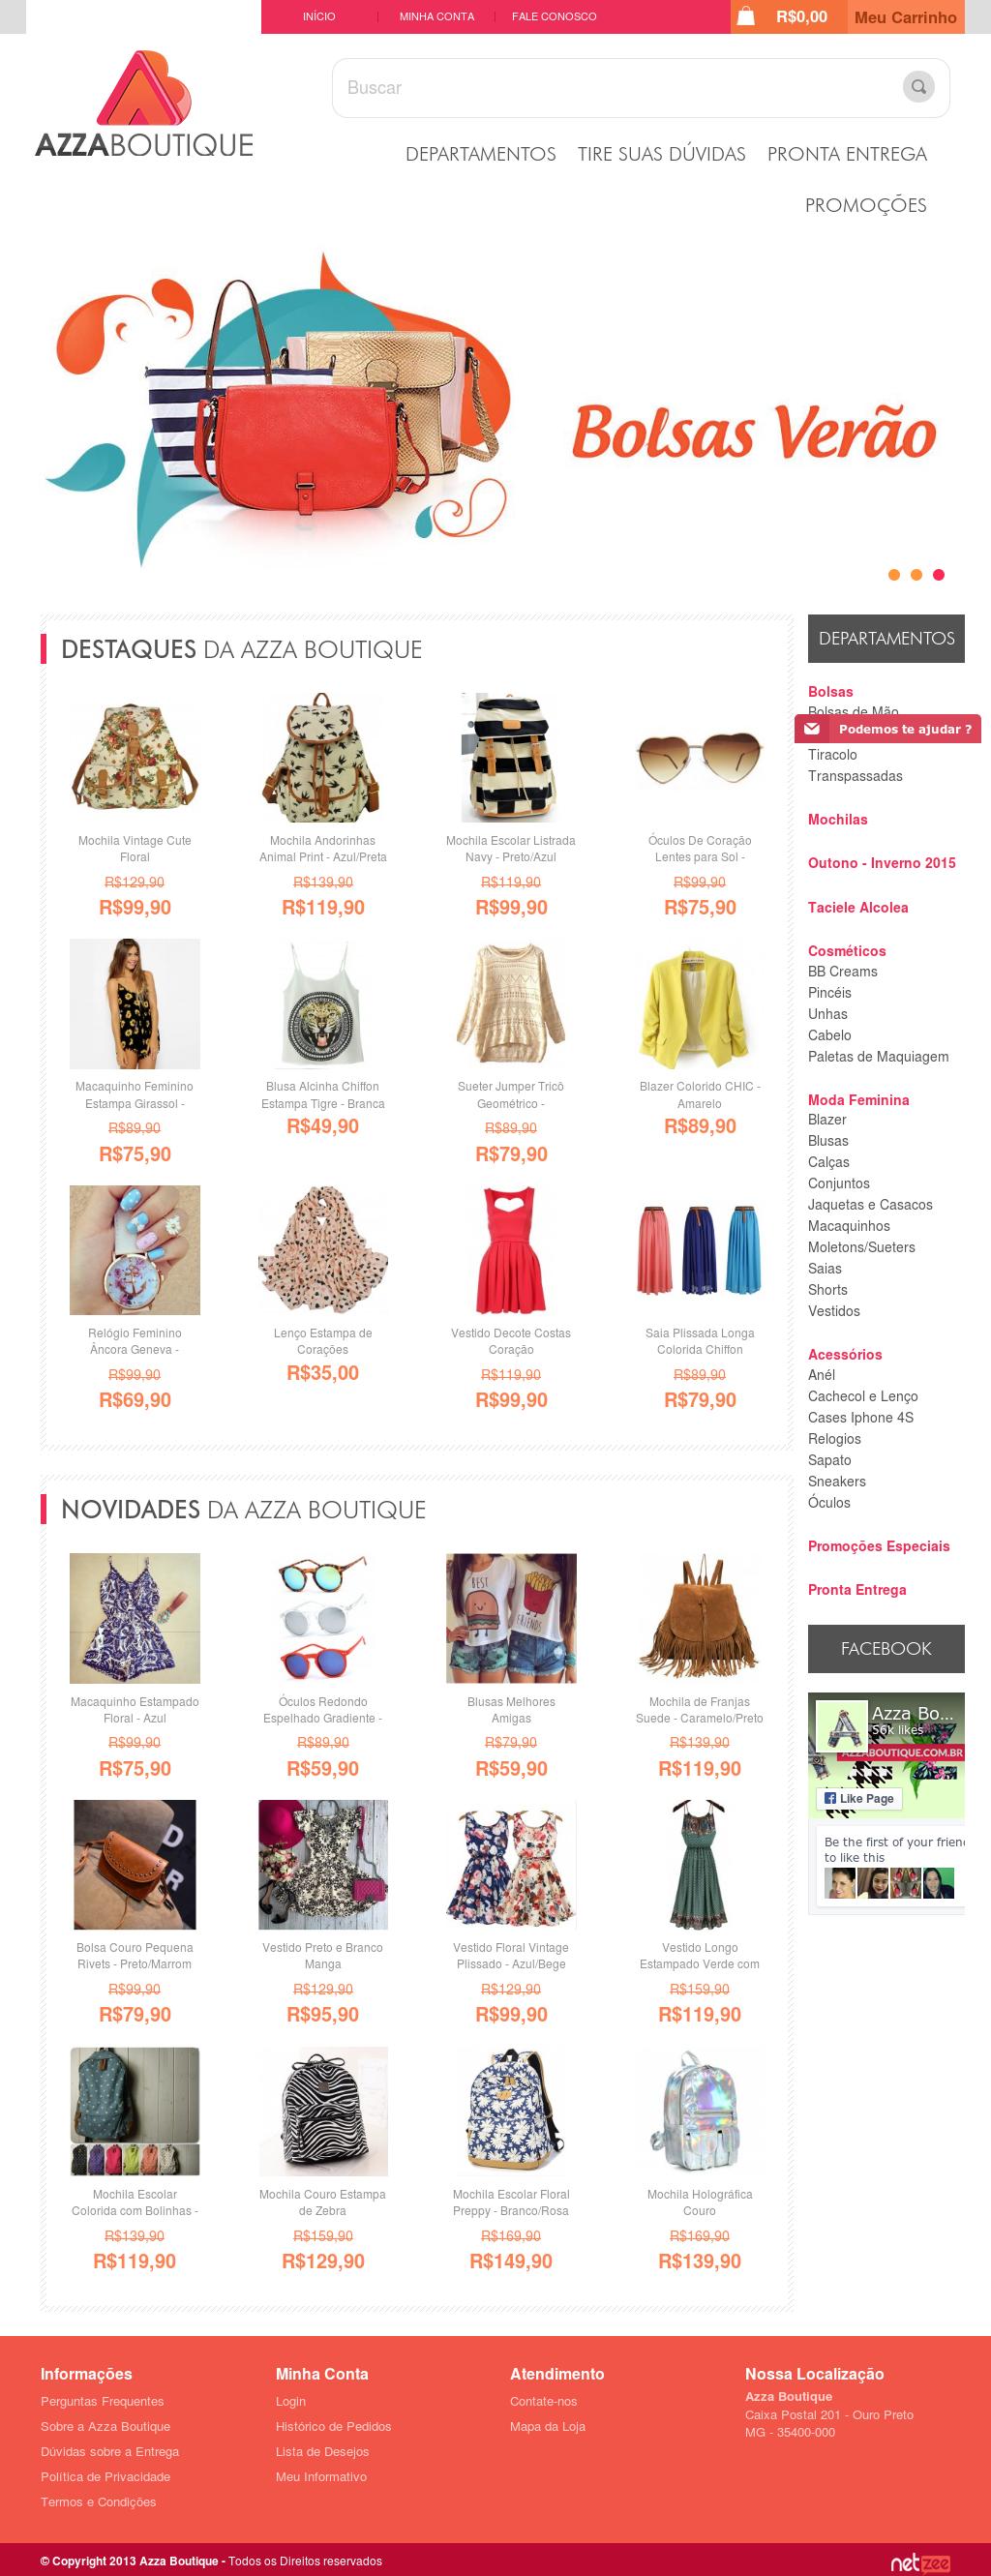 8e8e338a1f Azza Boutique Competitors